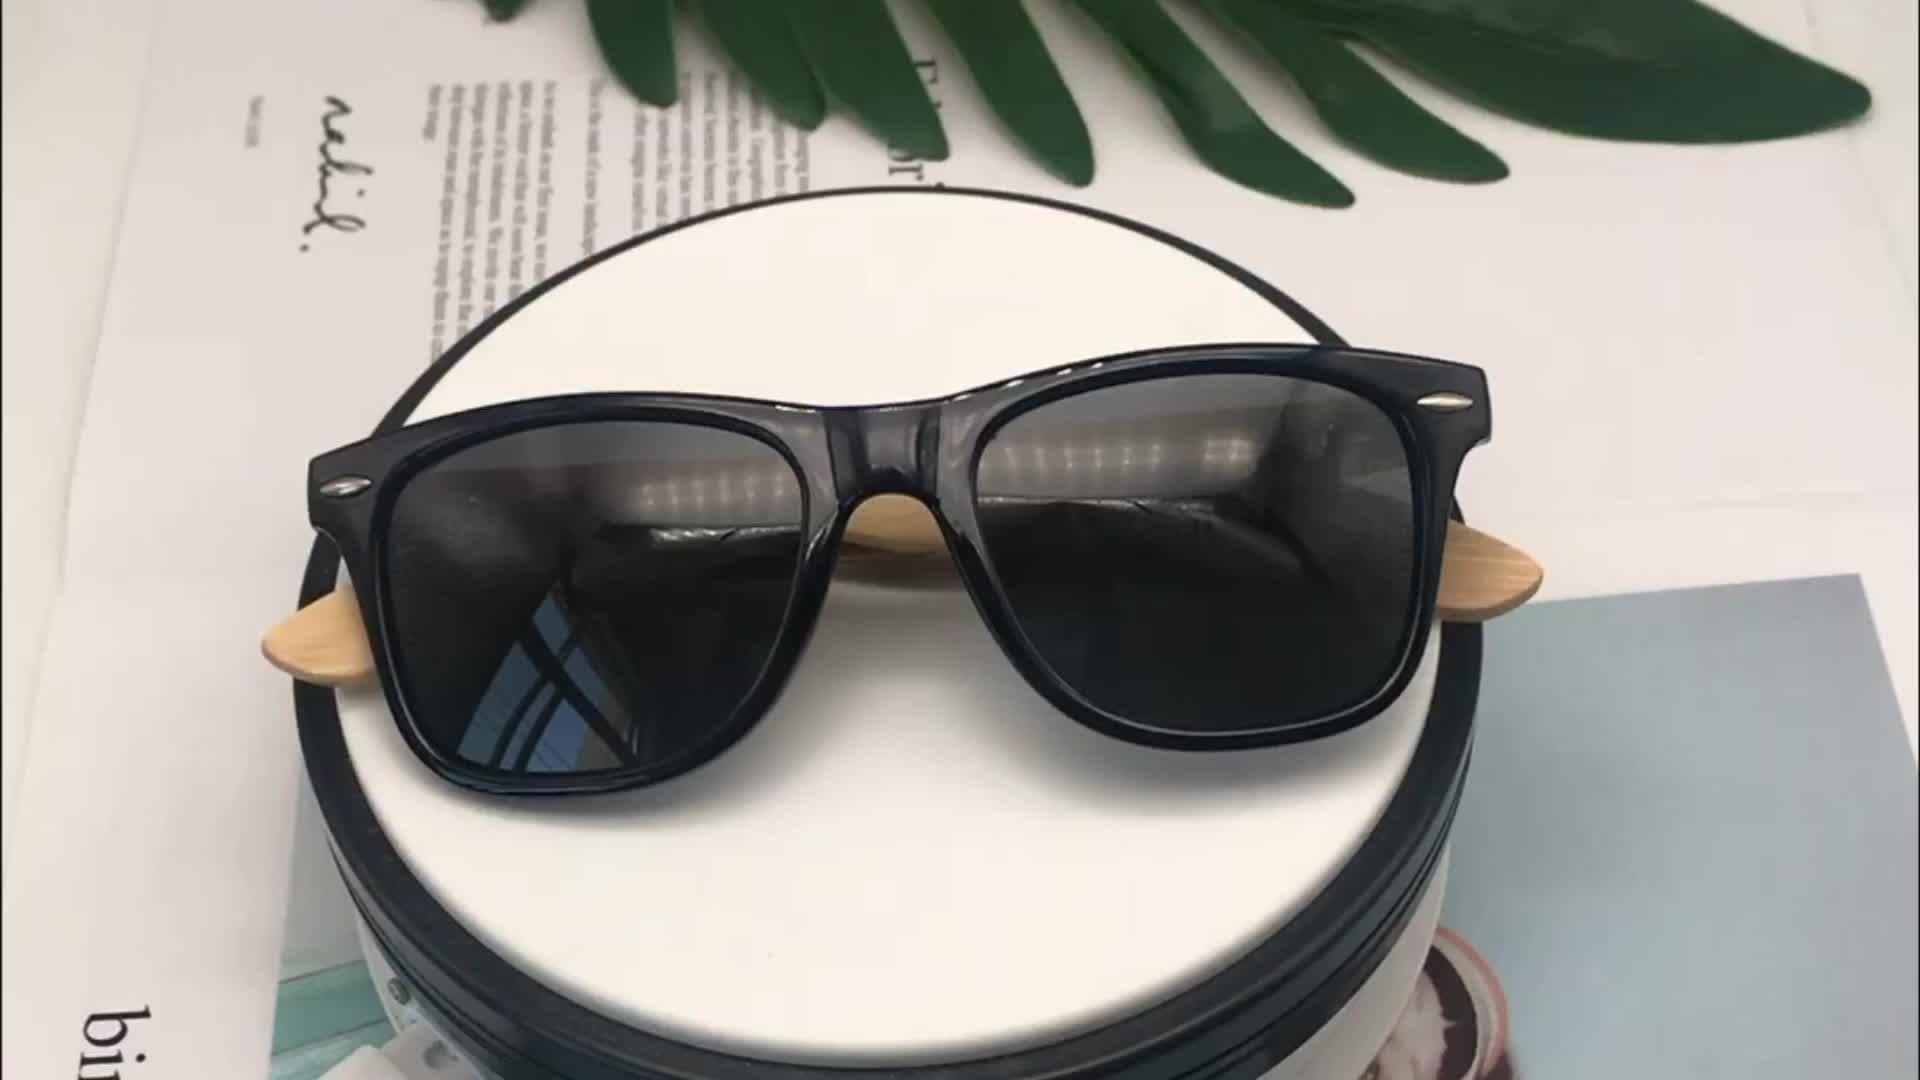 Fatti a mano di bambù tempio custom logo occhiali da sole polarizzati mirored unisex occhiali da sole 2019